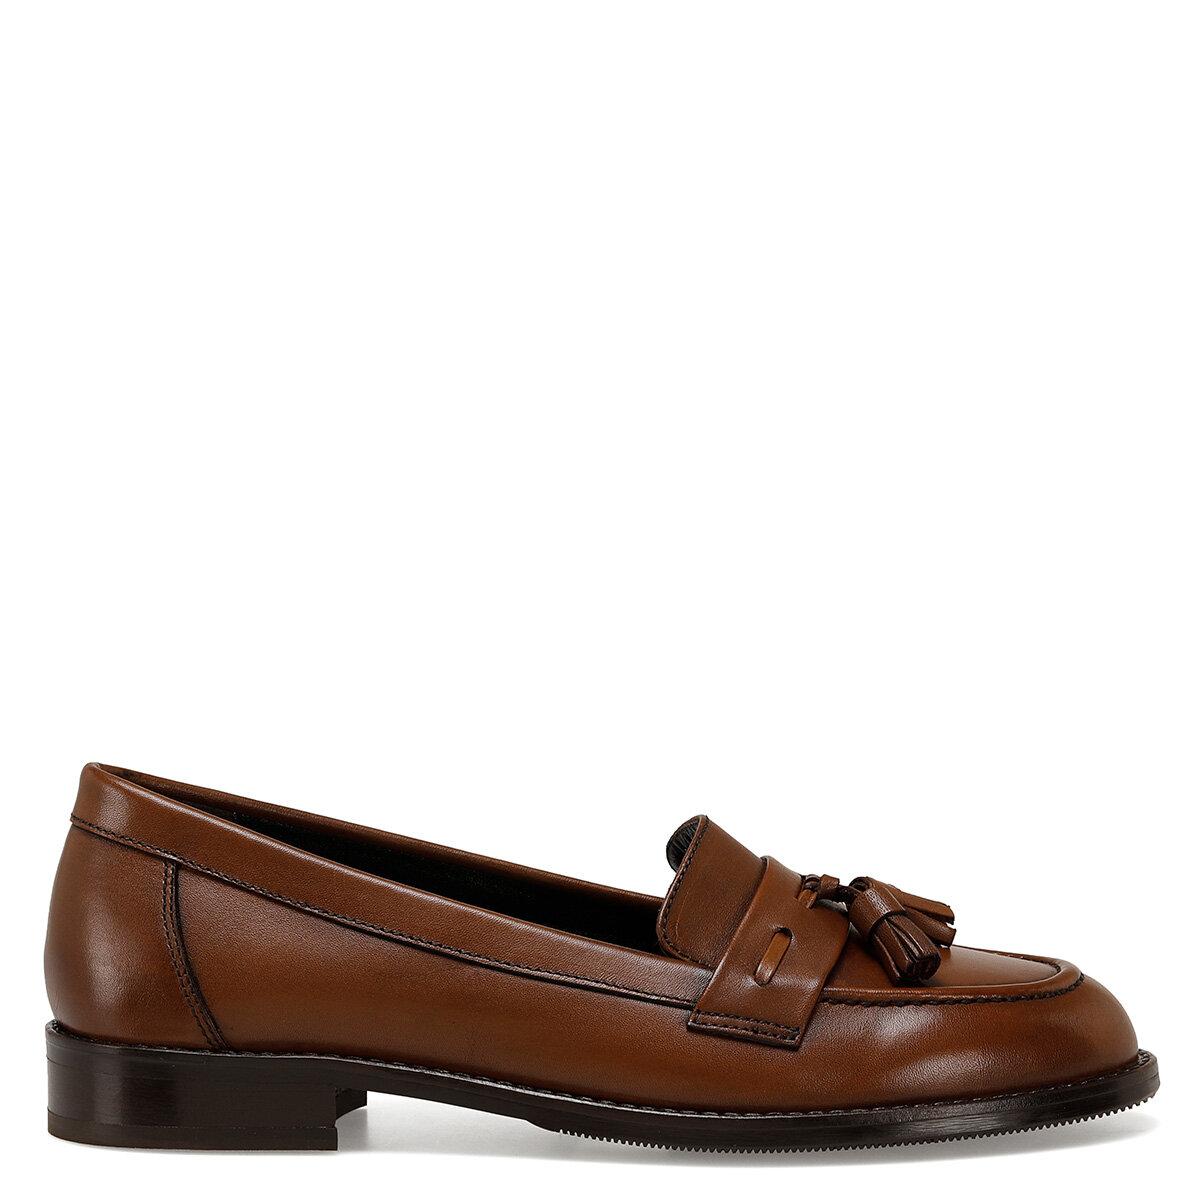 HOGAN Taba Kadın Loafer Ayakkabı